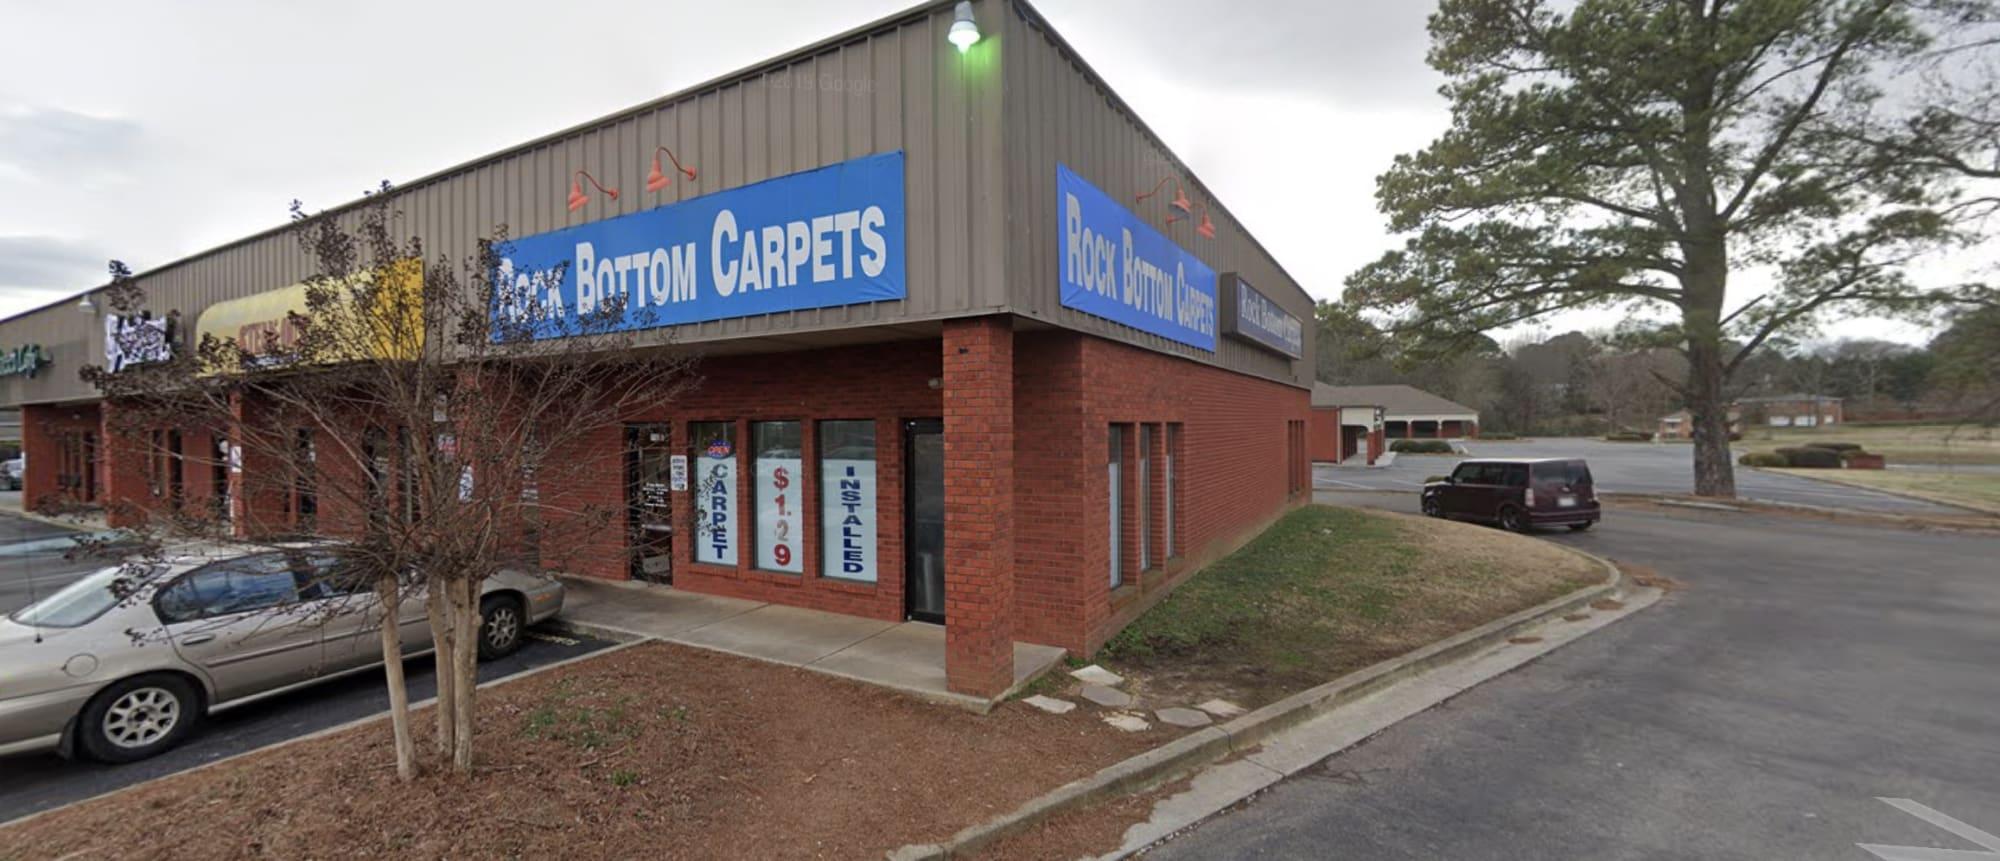 Rock Bottom Carpets - 1000 Beltline Rd SW Decatur, AL 35601